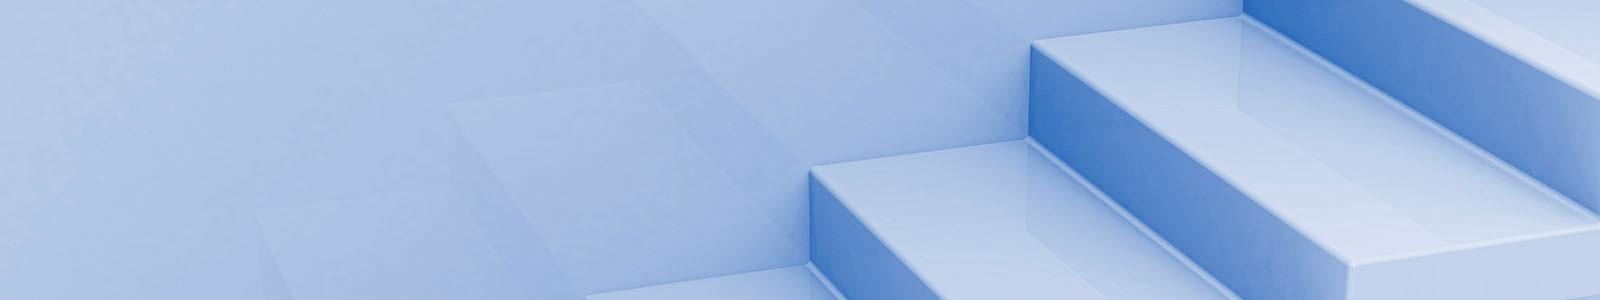 akademis ihre unabh ngige versicherungs finanzplattform. Black Bedroom Furniture Sets. Home Design Ideas